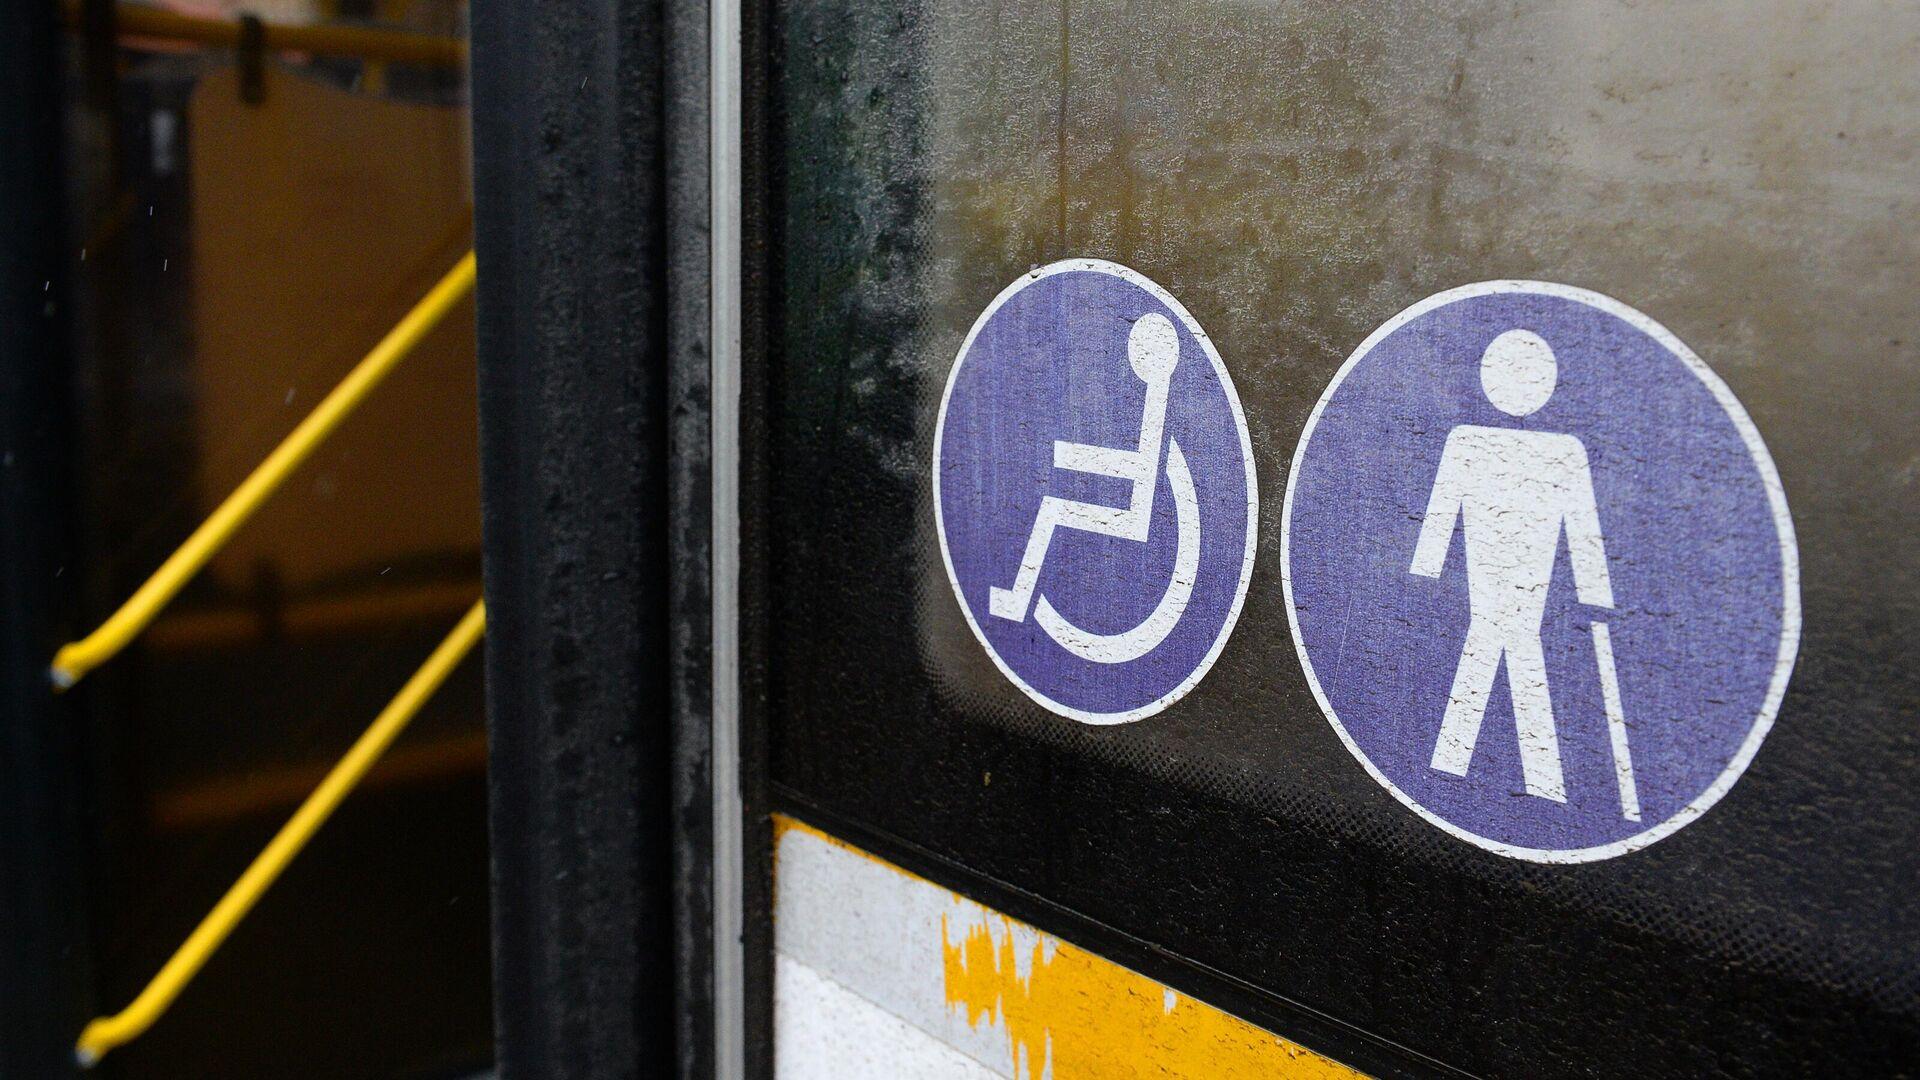 Опознавательный знак Инвалид на автобусе - РИА Новости, 1920, 15.01.2020